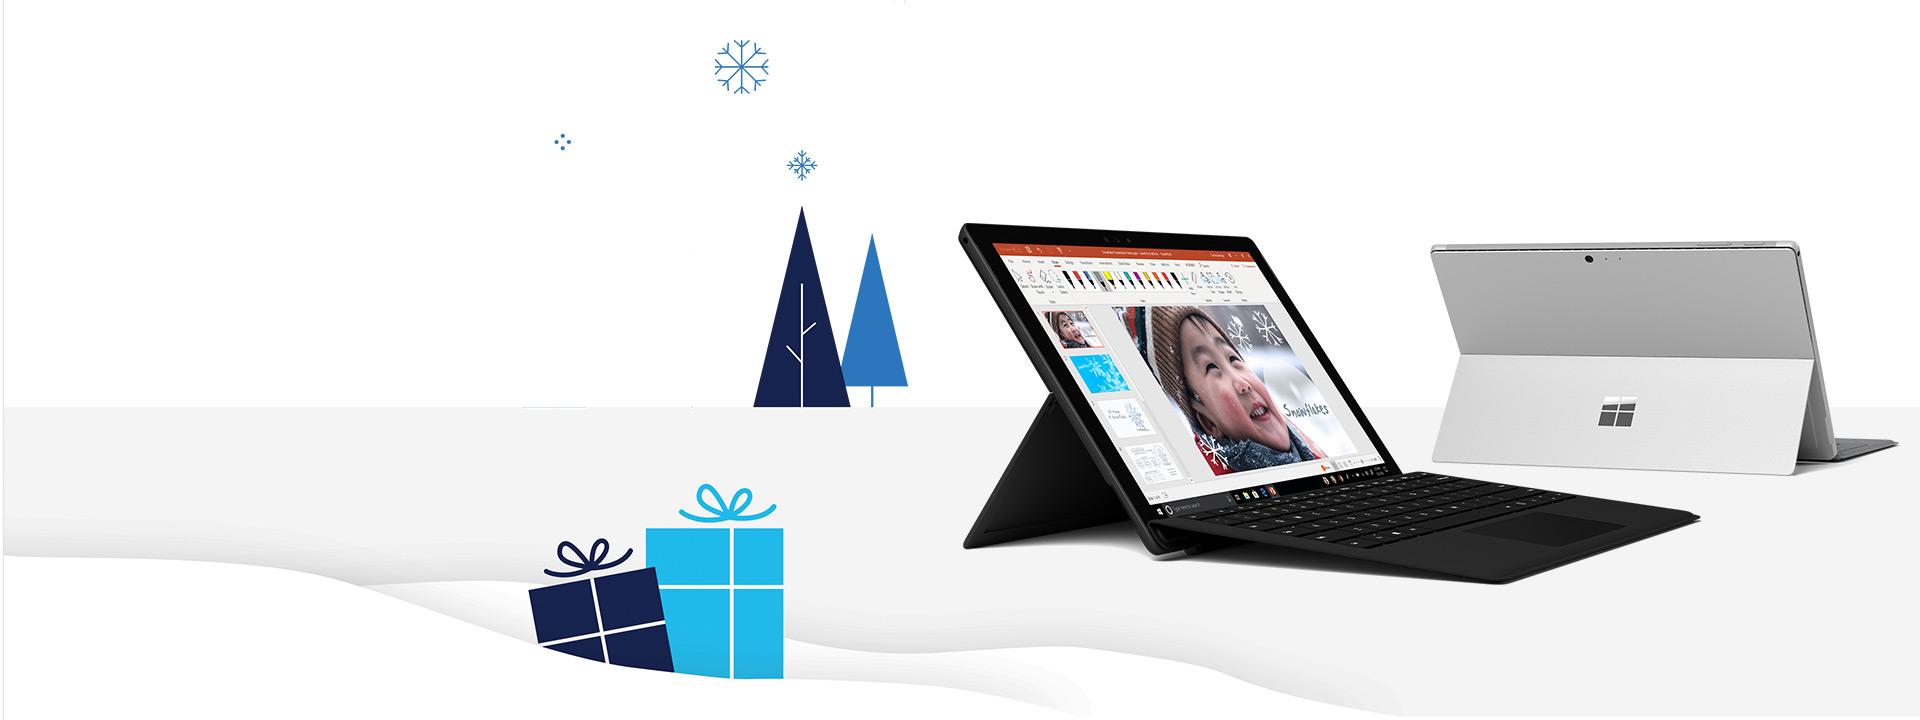 用全新 Surface Pro 6 创造精彩生活